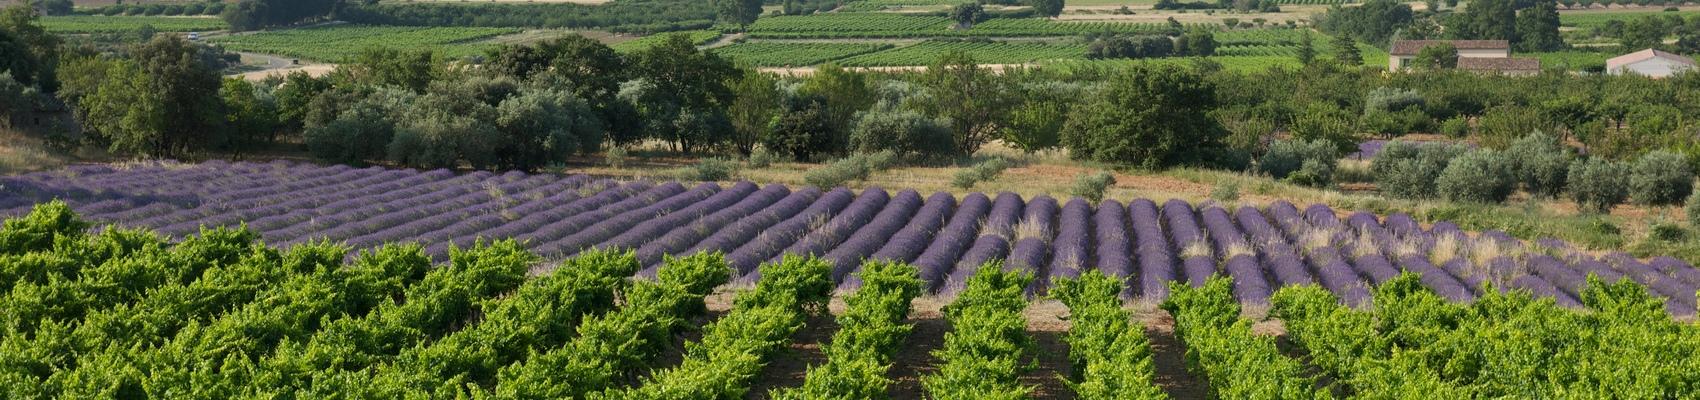 Die Weinberge des Rhônetals